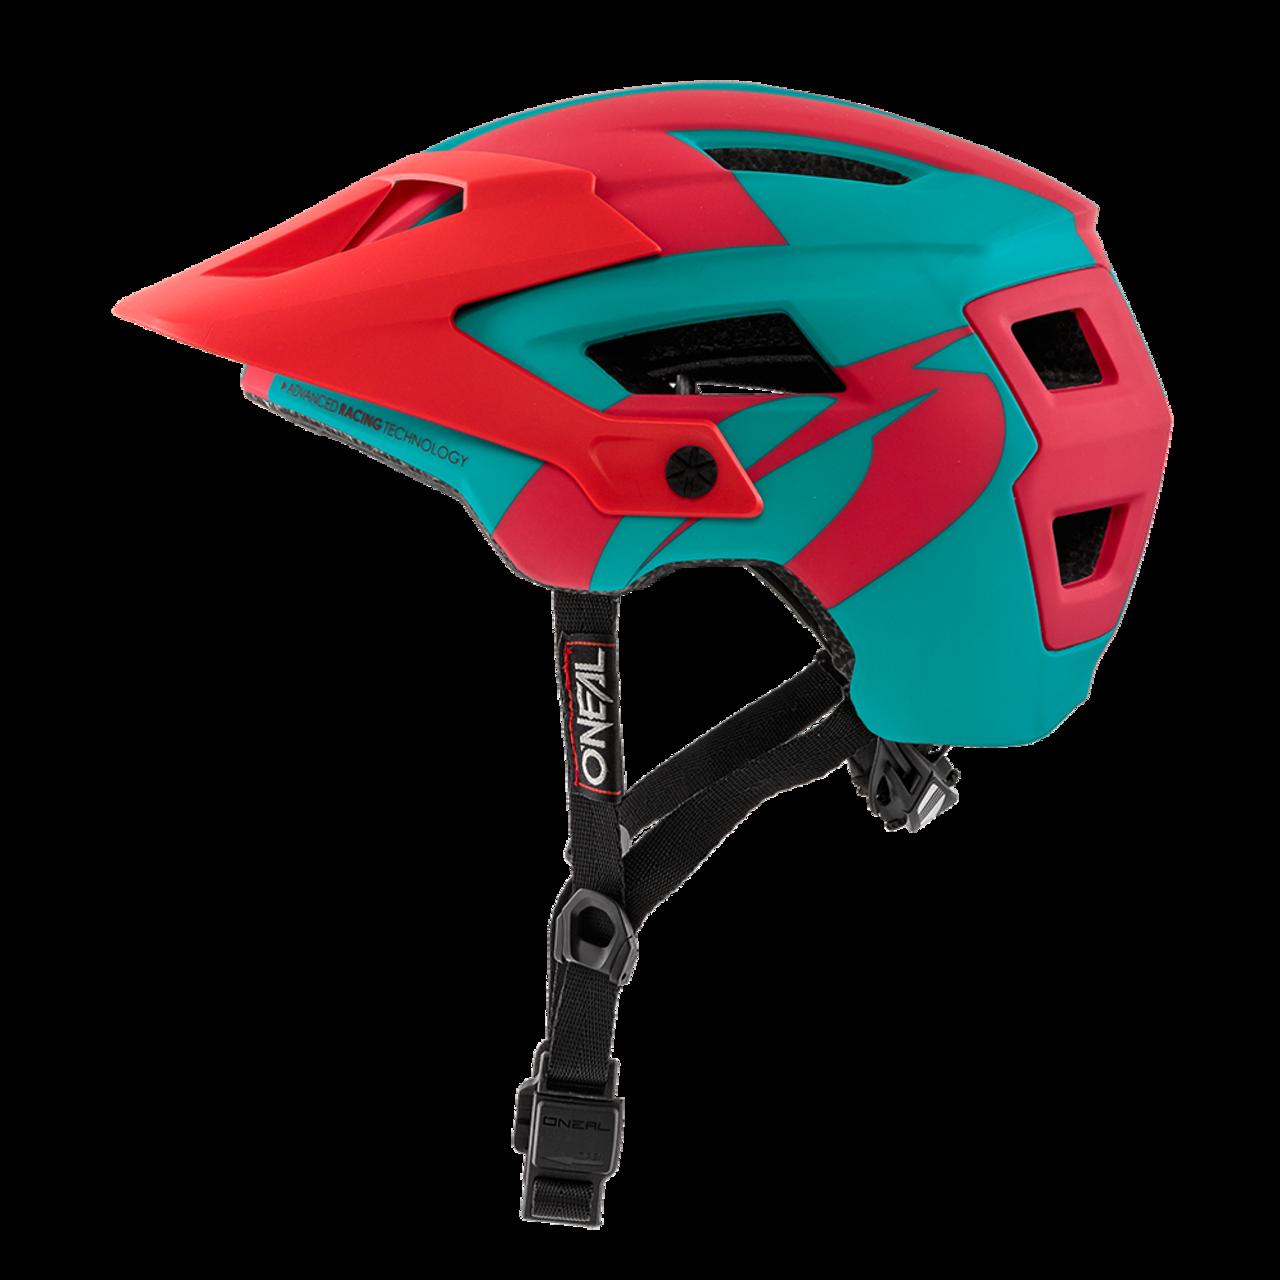 Шлем велосипедный O´Neal Defender 2.0, серебристо-сине-красный недорого